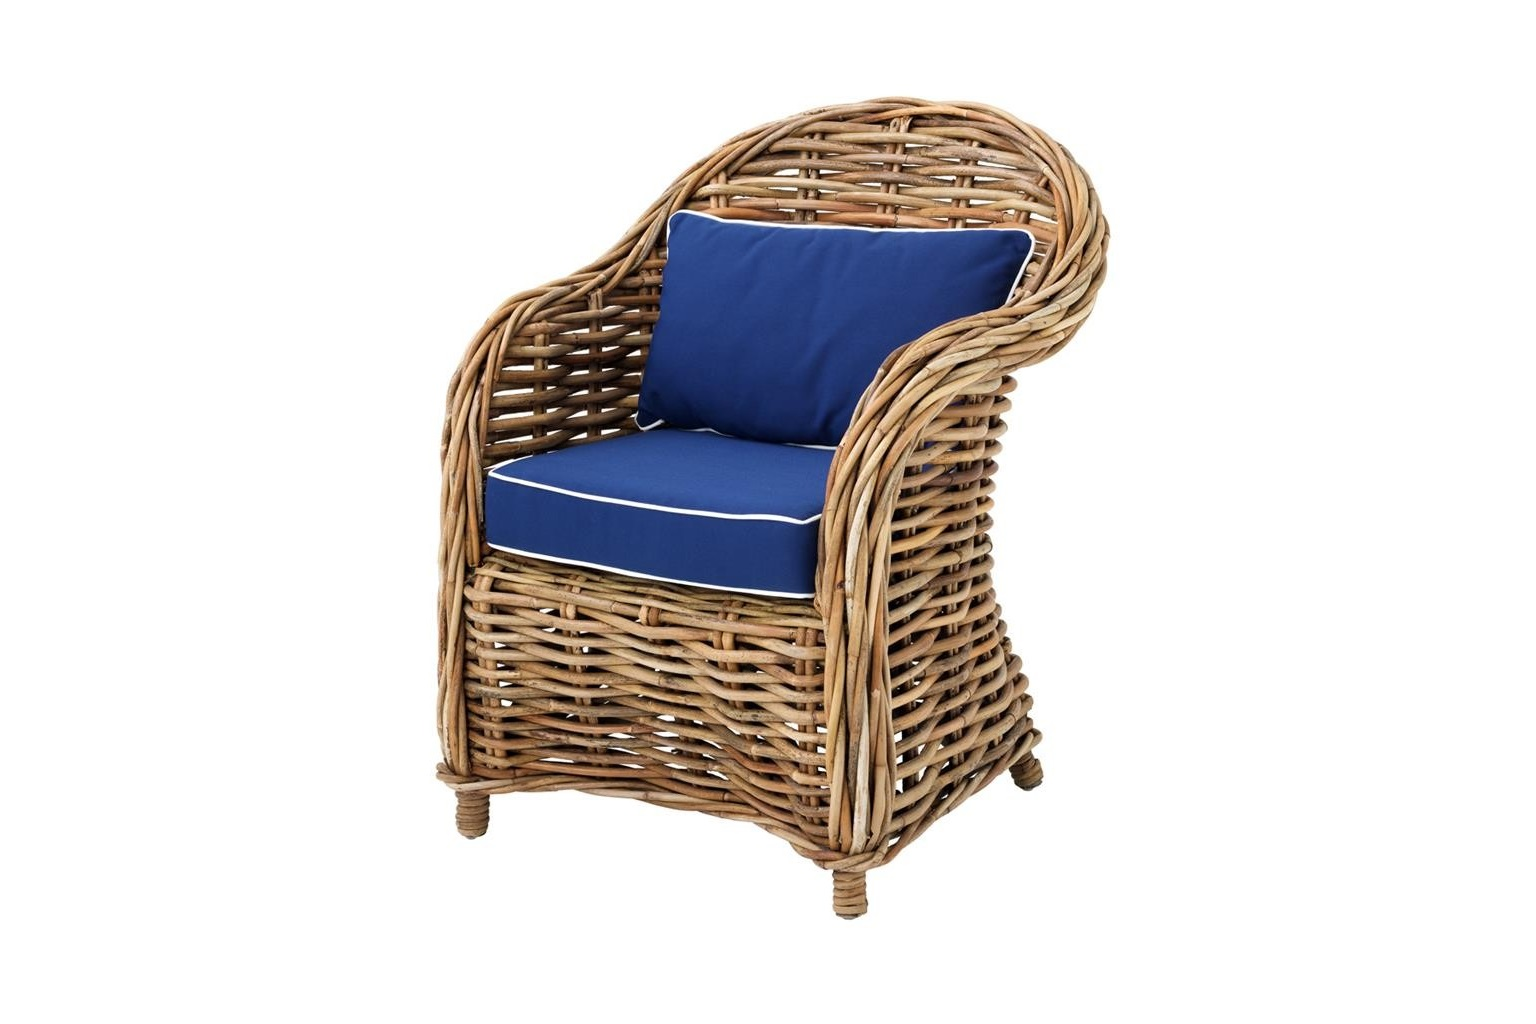 Кресло PretoriaКресла для сада<br><br><br>Material: Ротанг<br>Ширина см: 64<br>Высота см: 88<br>Глубина см: 70